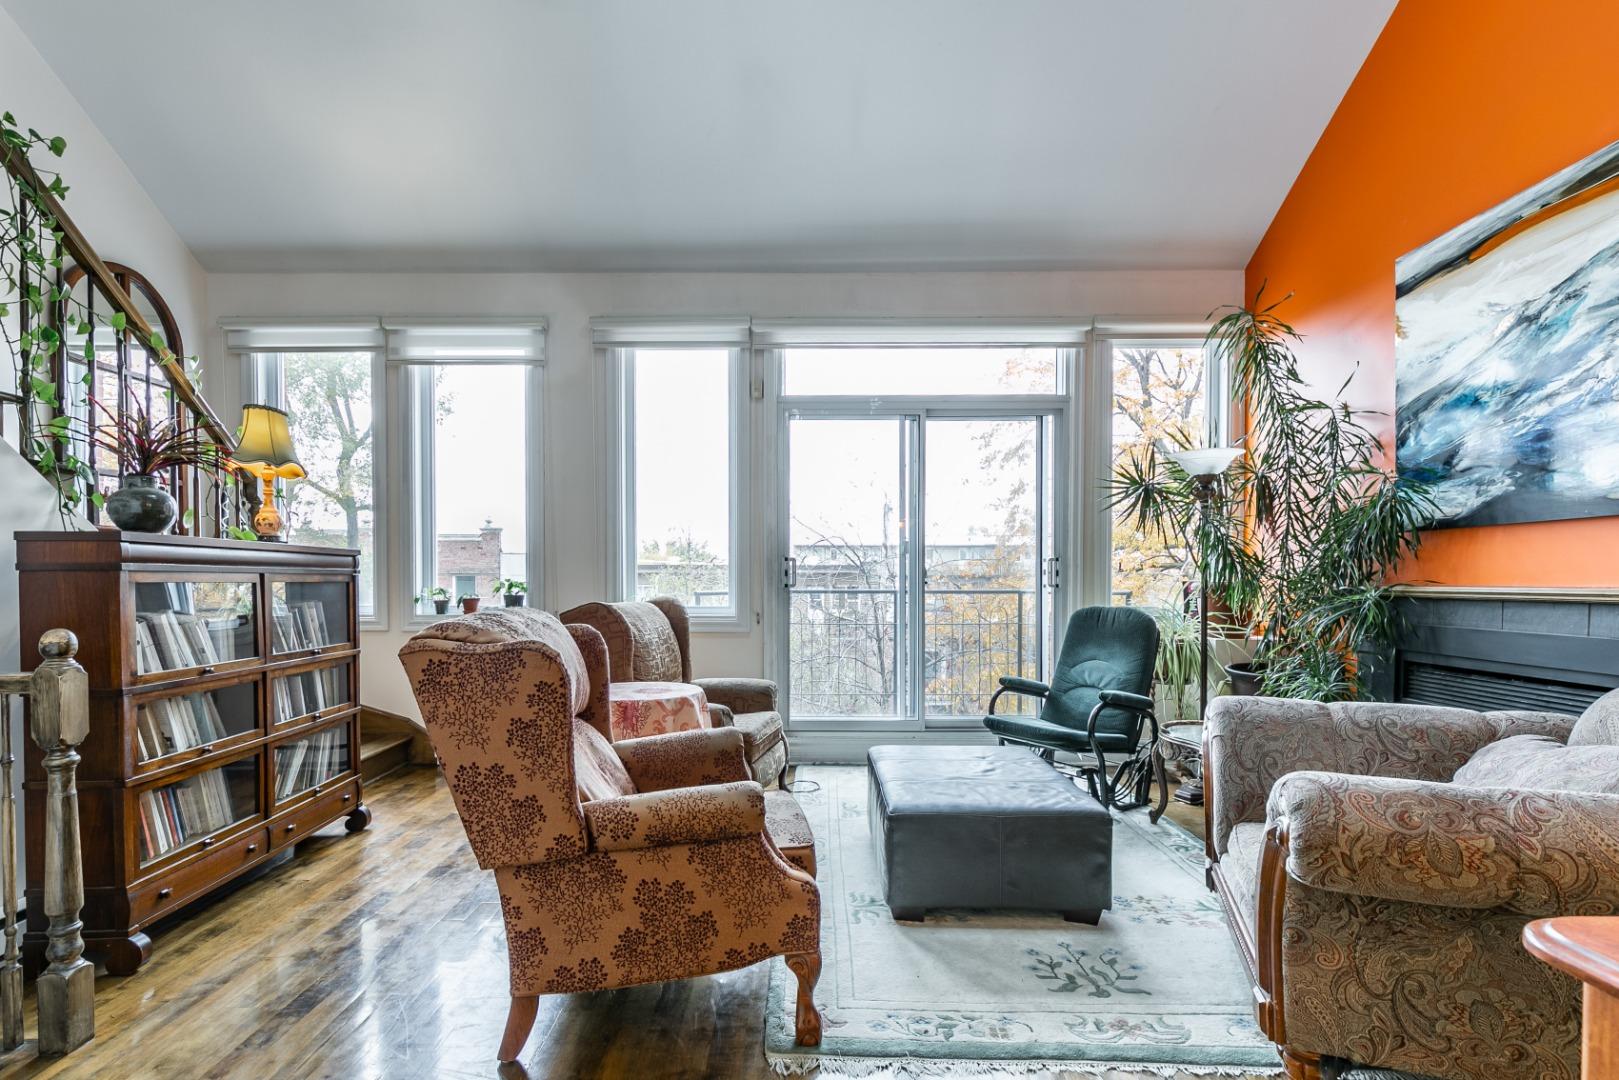 Condo à vendre Rosemont 6529 rue Cartier Montréal-4.jpg